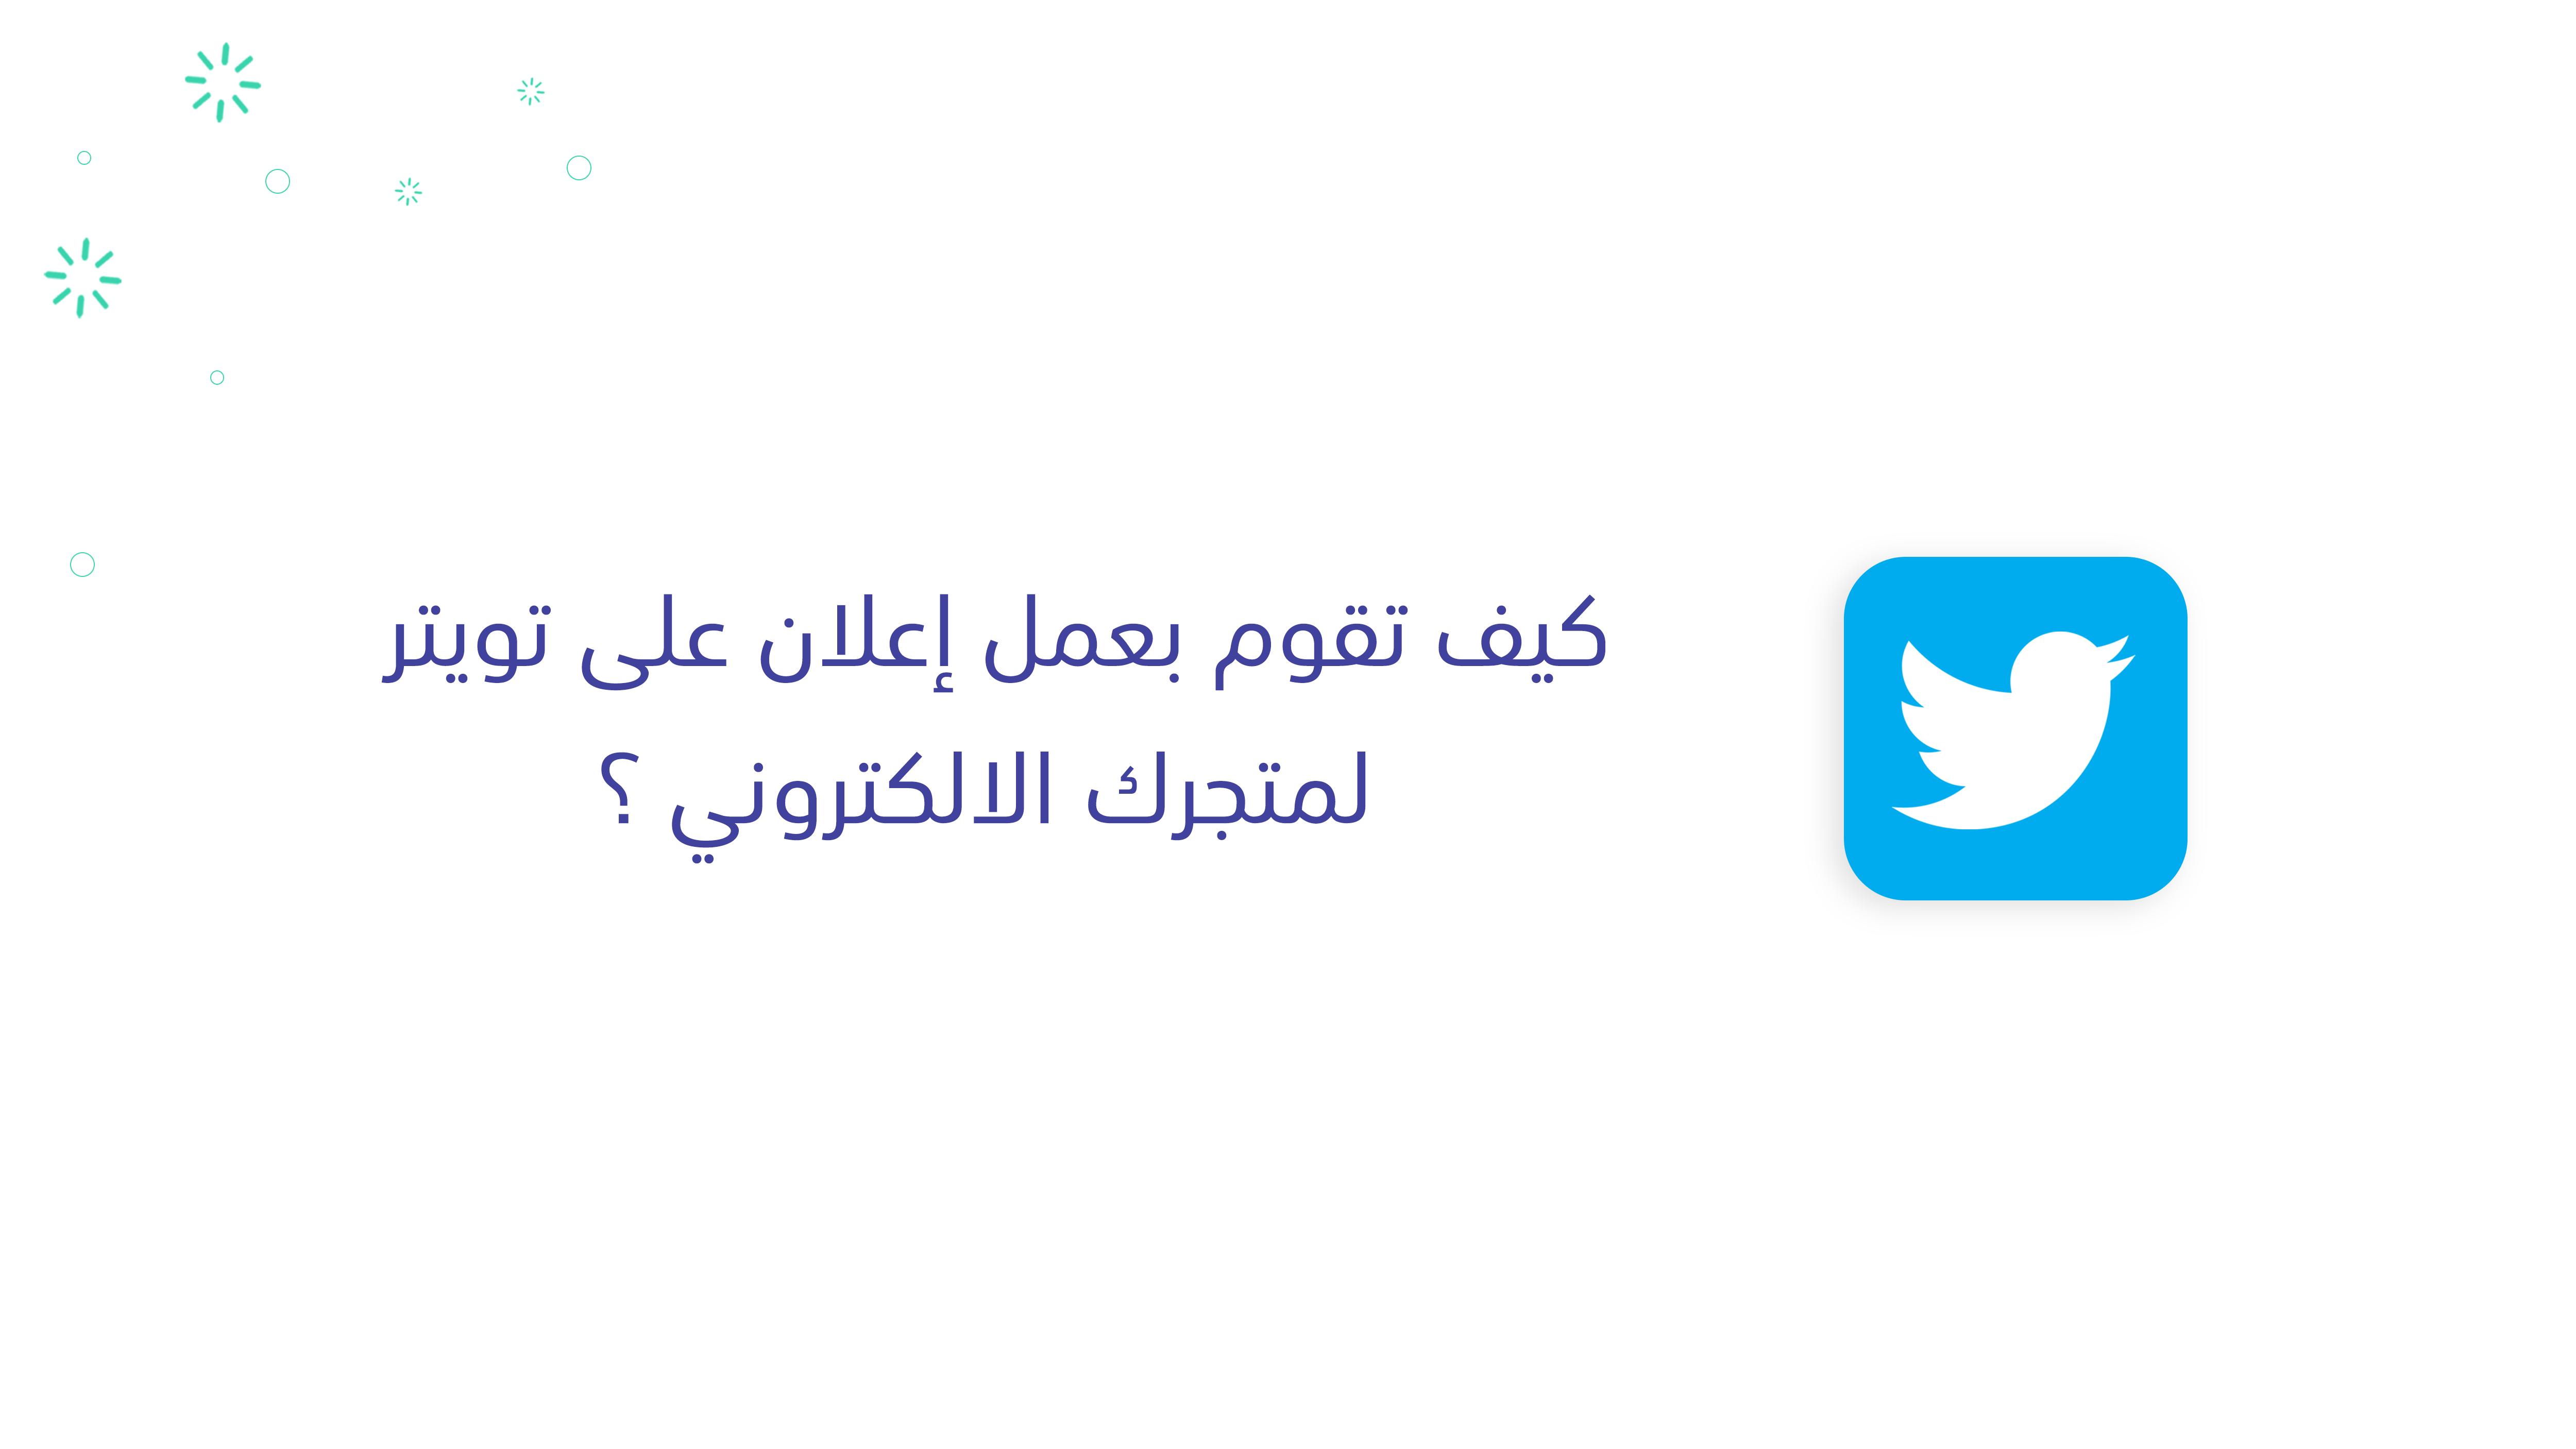 كيف تقوم بعمل إعلان على تويتر لمتجرك الالكتروني أو لمنتجاتك – دليلك الكامل 2020